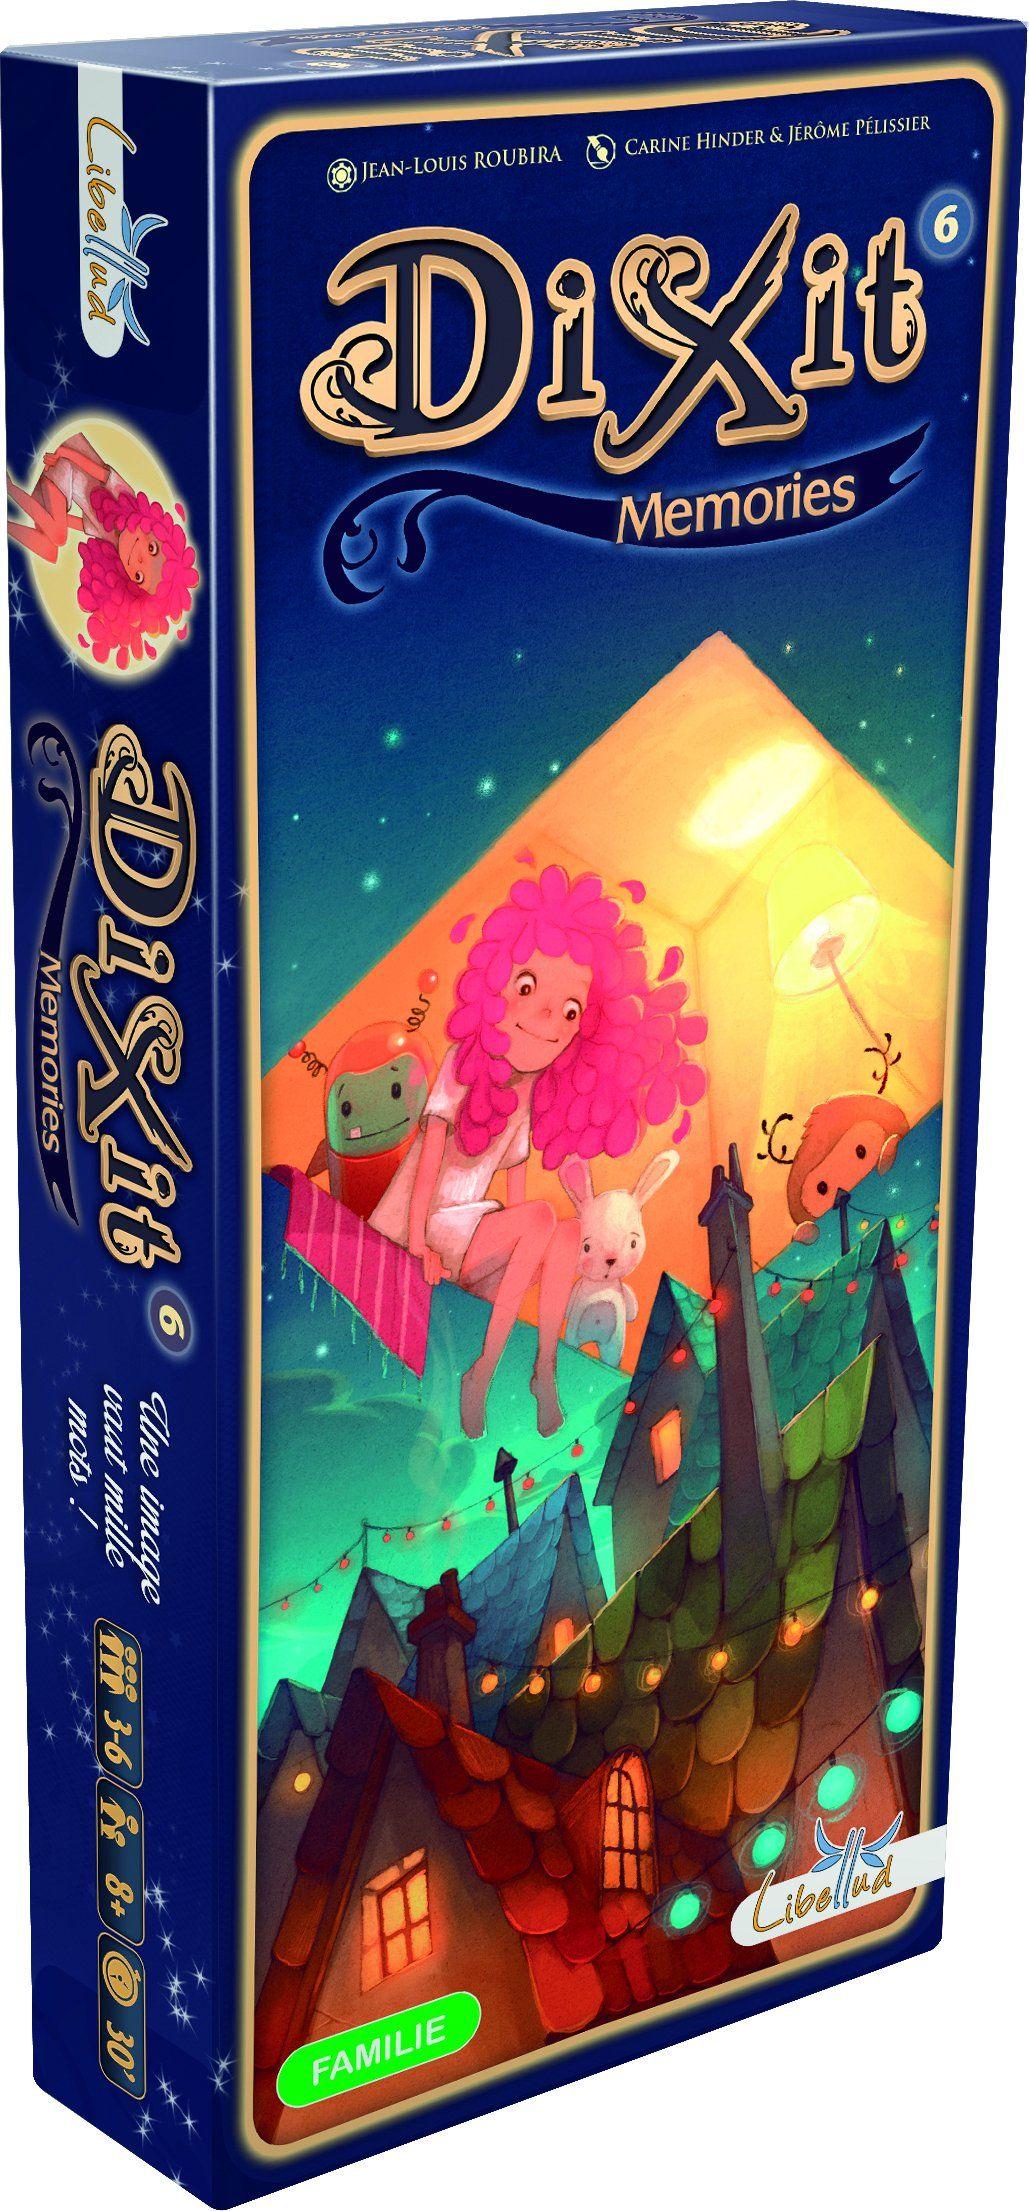 Asmodee 3138 Dixit 6 - Memories rozszerzenie, gra opowieściowa, gra rodzinna, niemiecki